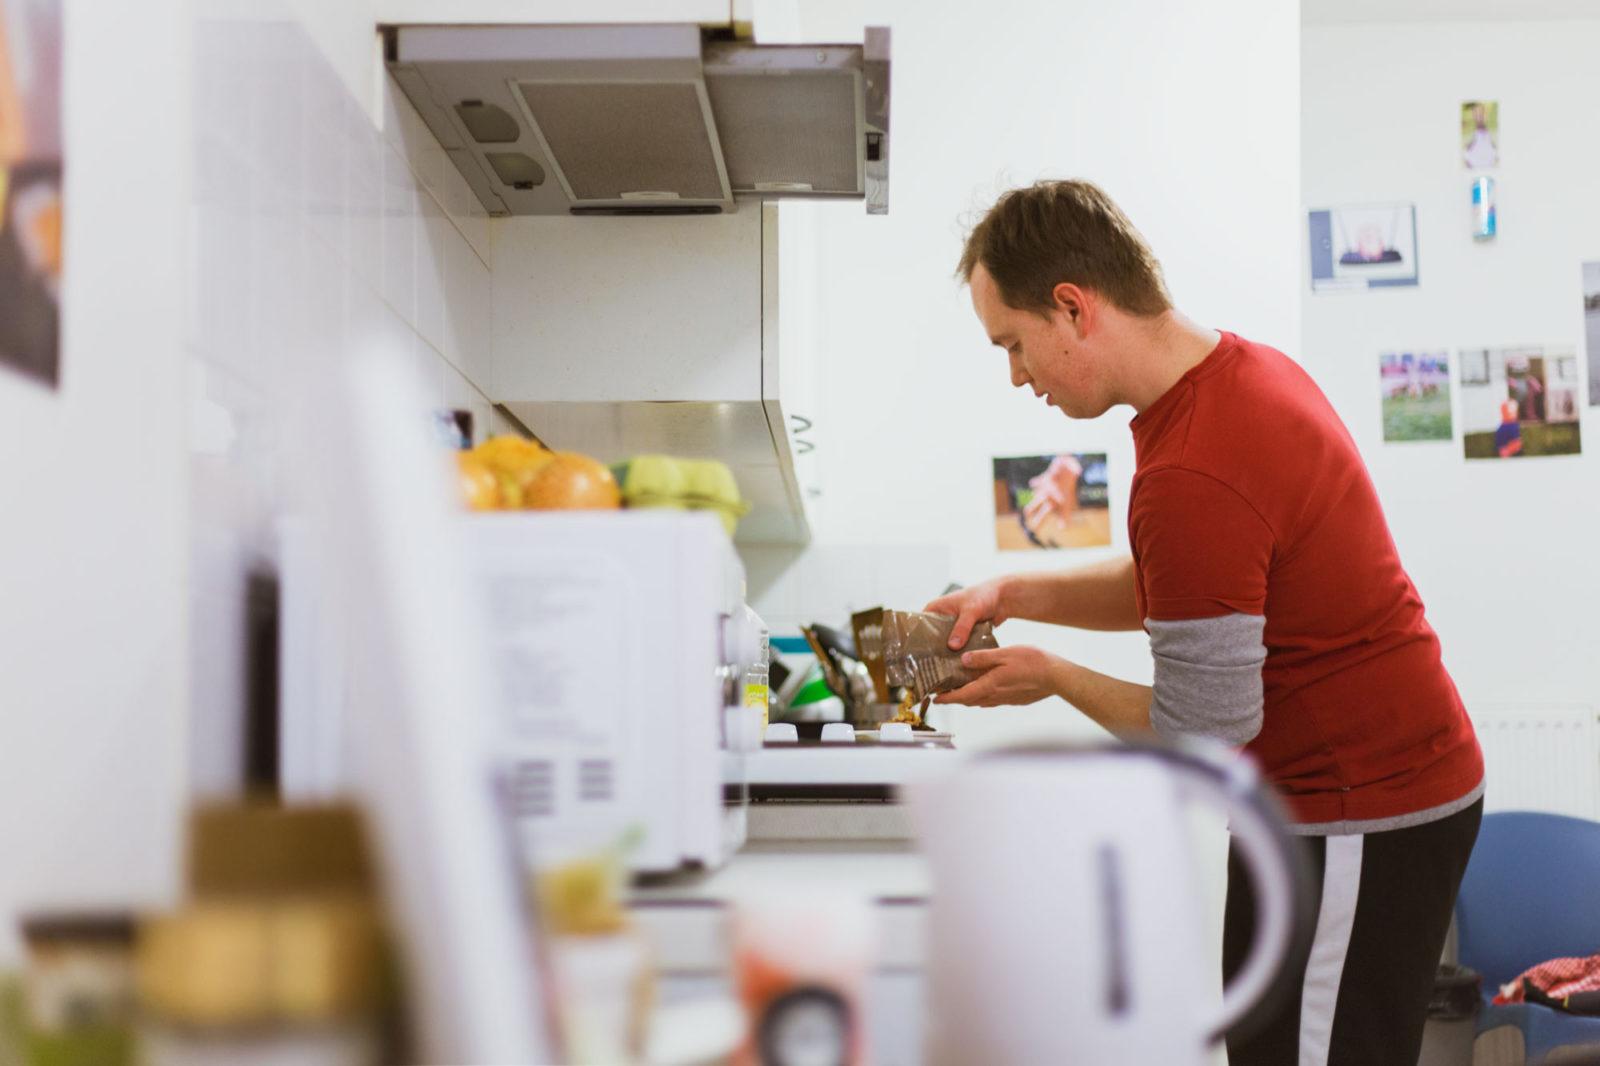 studenten-die-nooit-koken-alexey-maakt-eten-aysha-gasanova